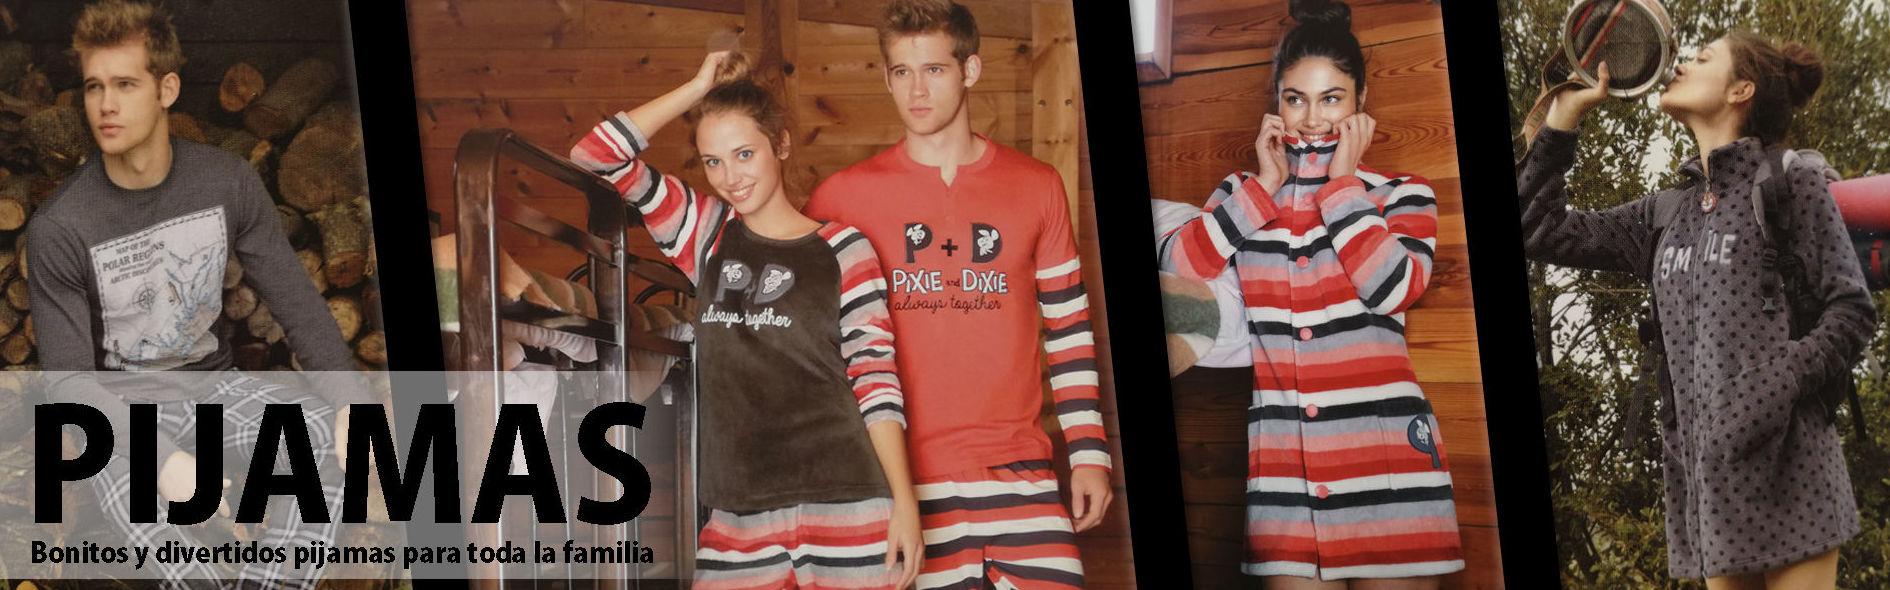 Pijamas para hombre & mujer